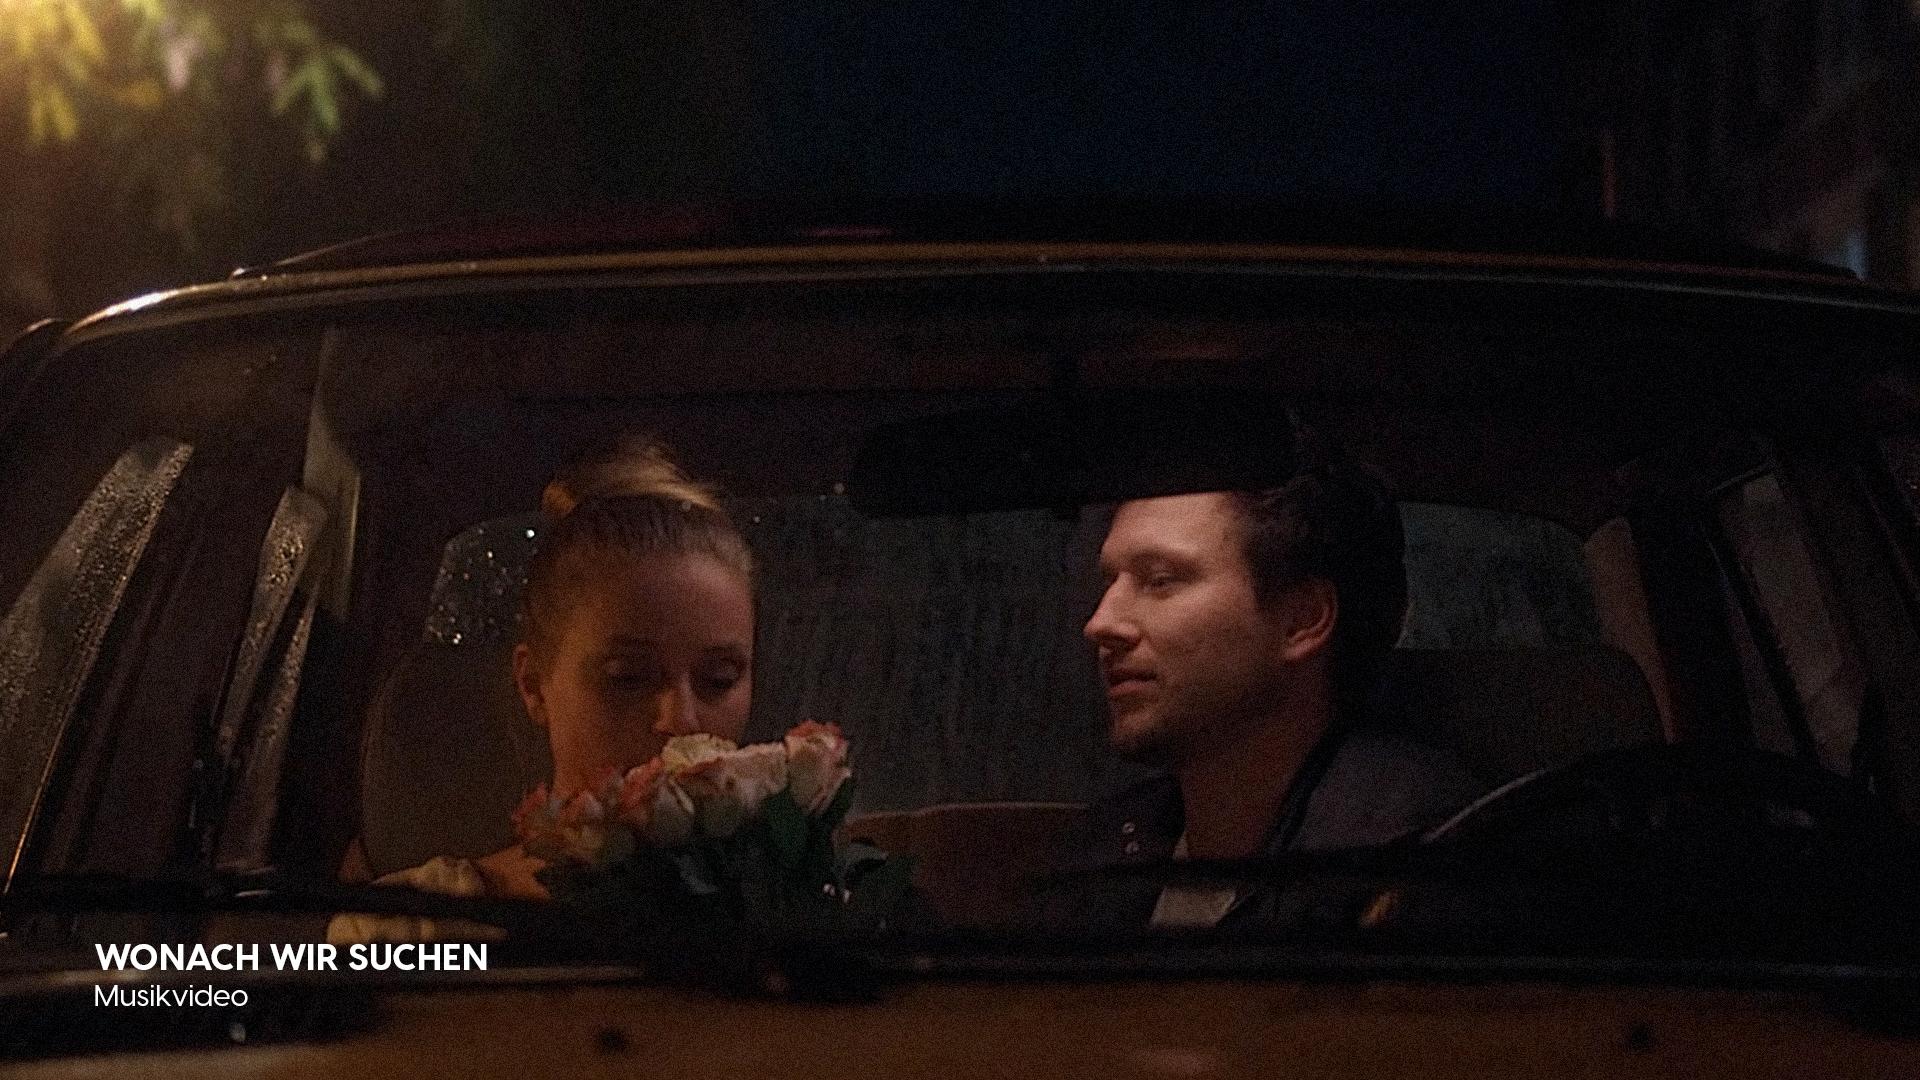 Musikvideo Film Filmproduktion Videoproduktion Leipzig Häusliche Gewalt Wohin Wonach wir suchen twosyde